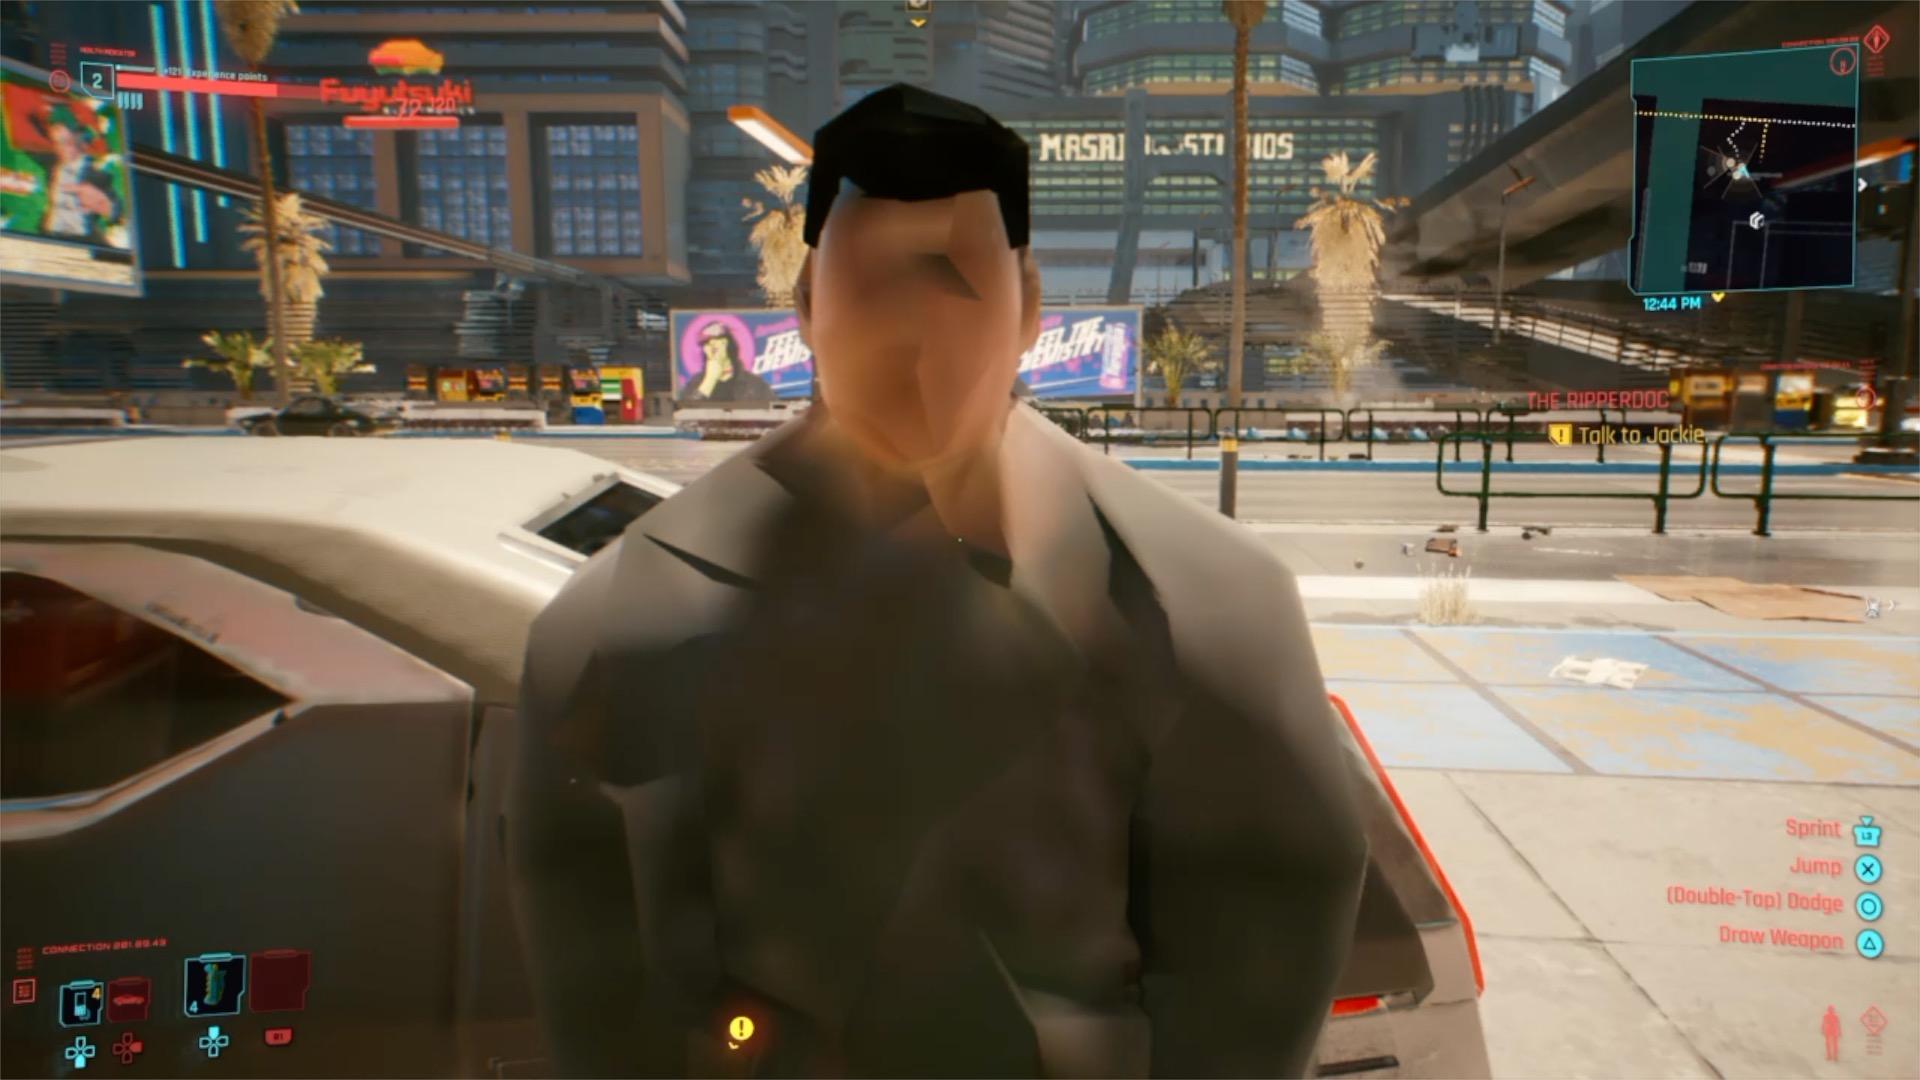 На старте в Cyberpunk 2077 можно было увидеть и такое /фото twitter.com/MichaelDoesLife